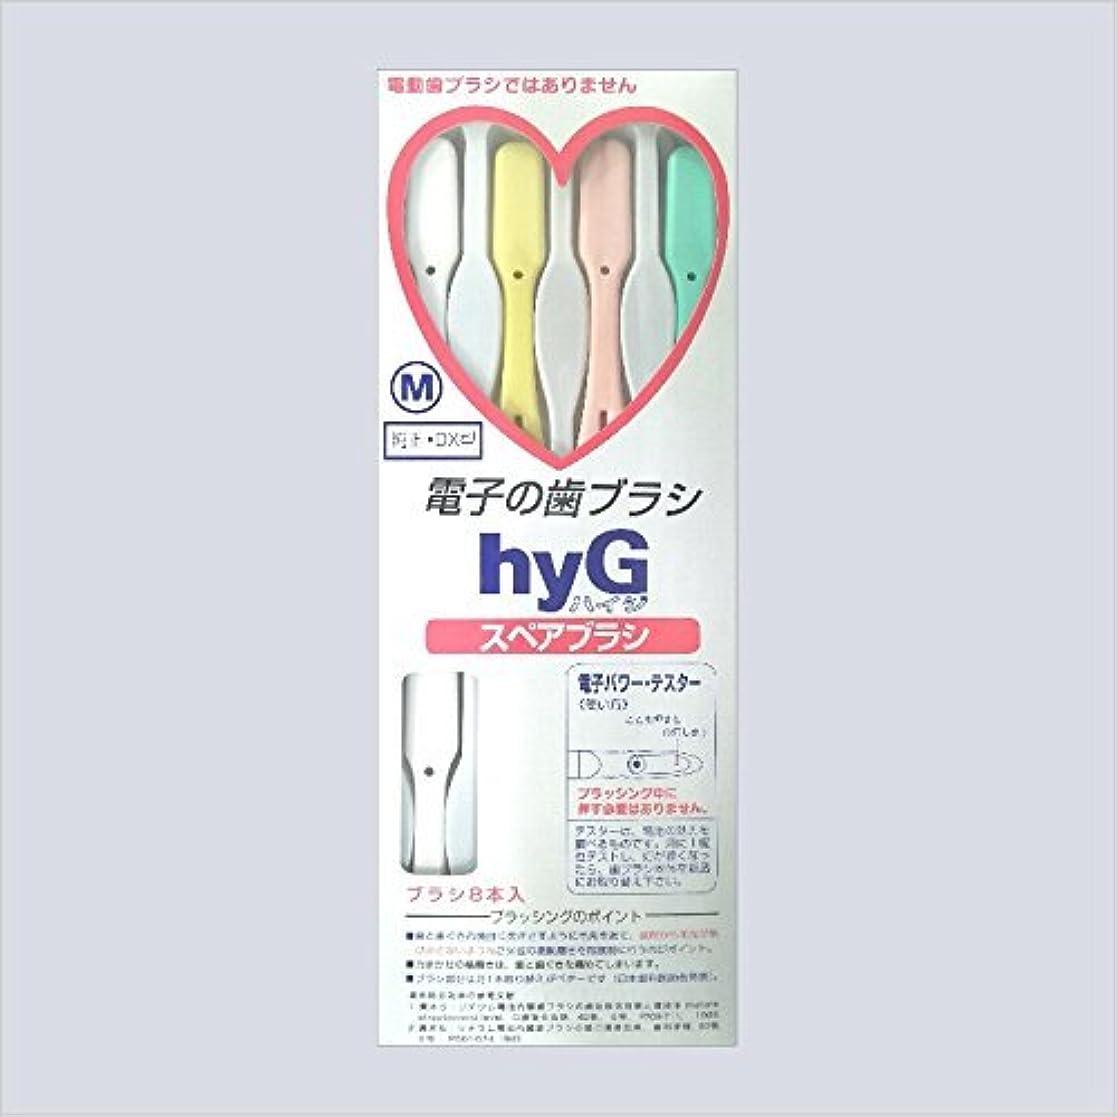 あざボットいちゃつく電子の歯ブラシ ハイジ(hyG)?スペアブラシ <ブラシの硬さ:Hかため> (※こちらは「スペアブラシ」です )?hyG-DX型